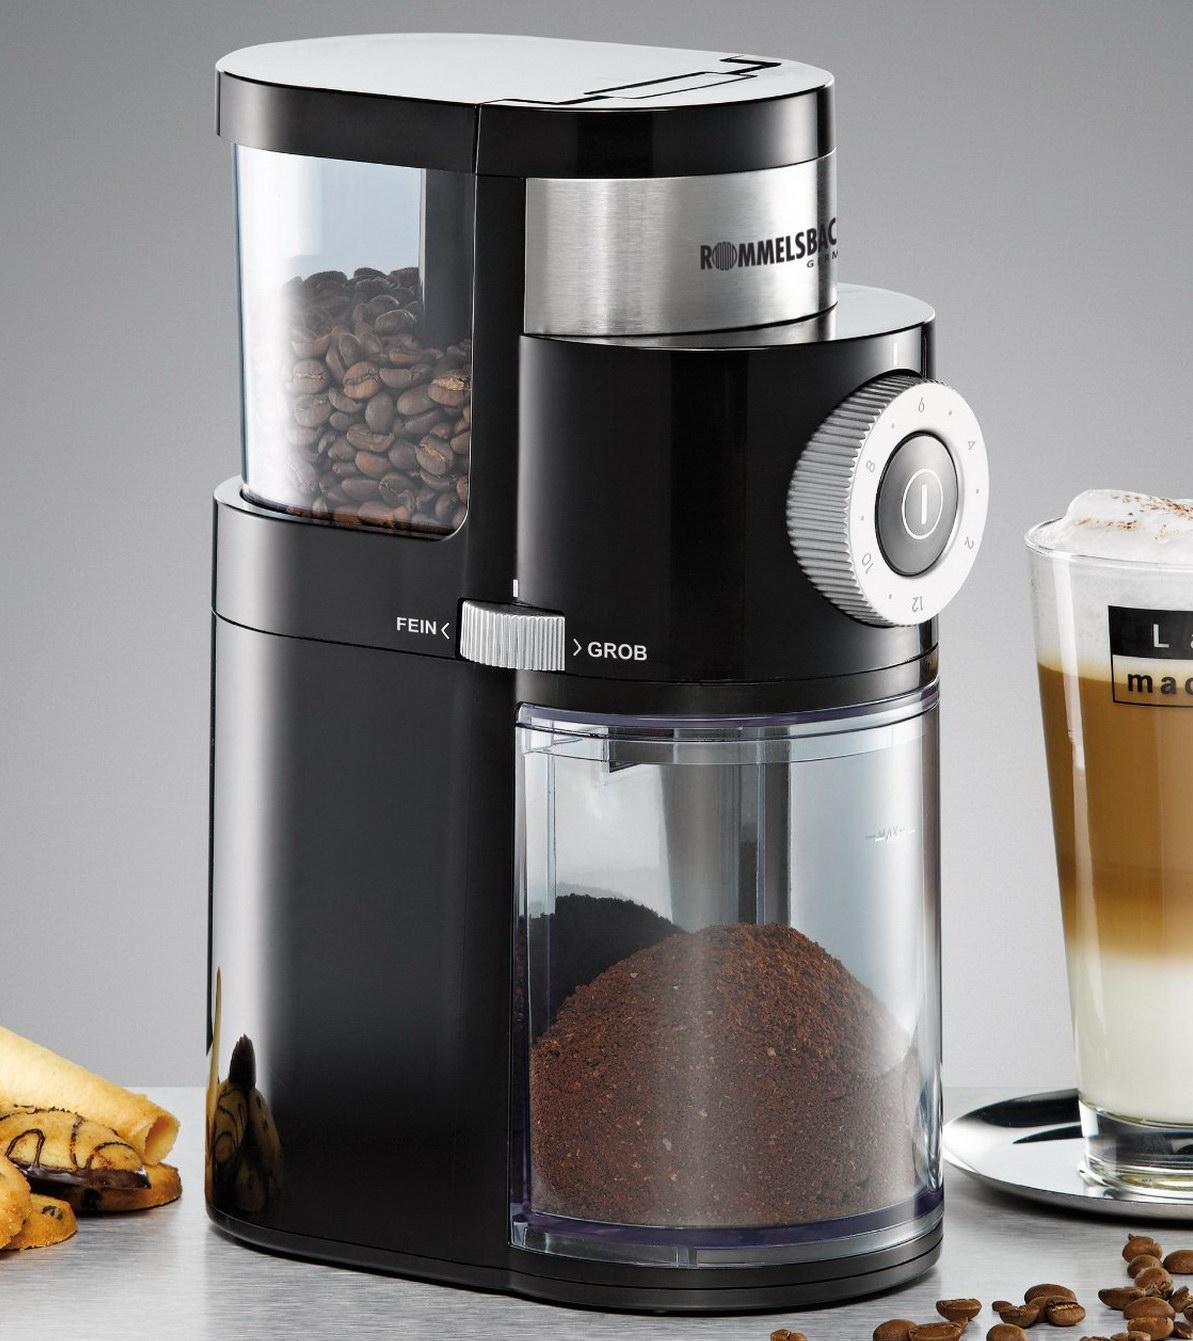 elektrische kaffeem hlen bestseller 2018 die besten kaffem hlen test vergleich im oktober 2018. Black Bedroom Furniture Sets. Home Design Ideas